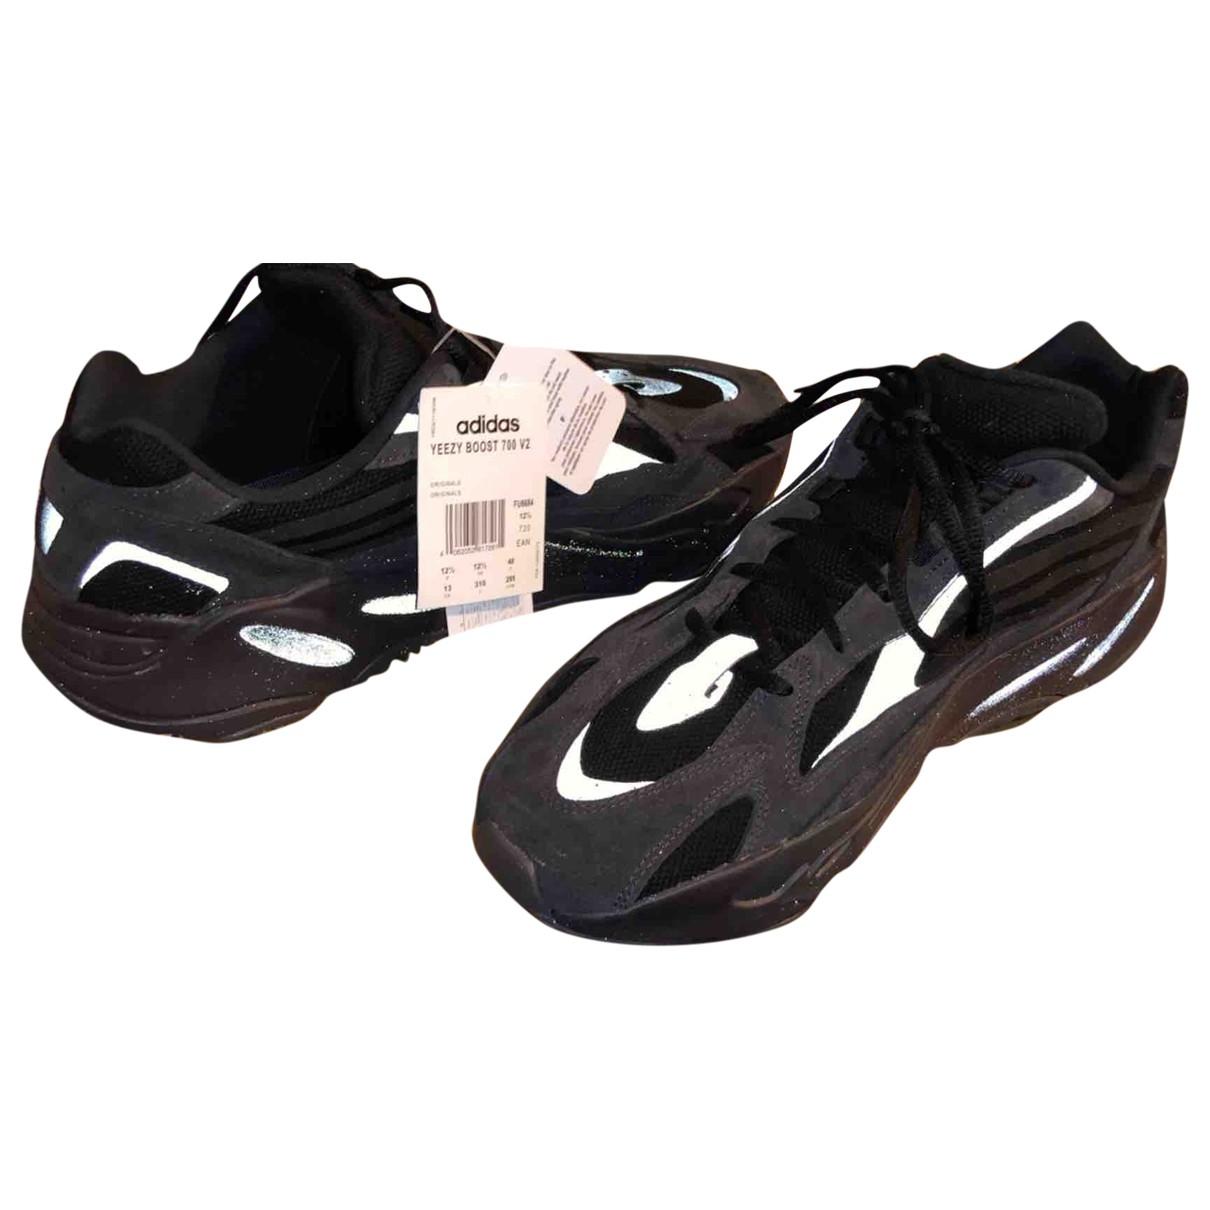 Yeezy X Adidas - Baskets Boost 700 V2 pour homme en autre - noir